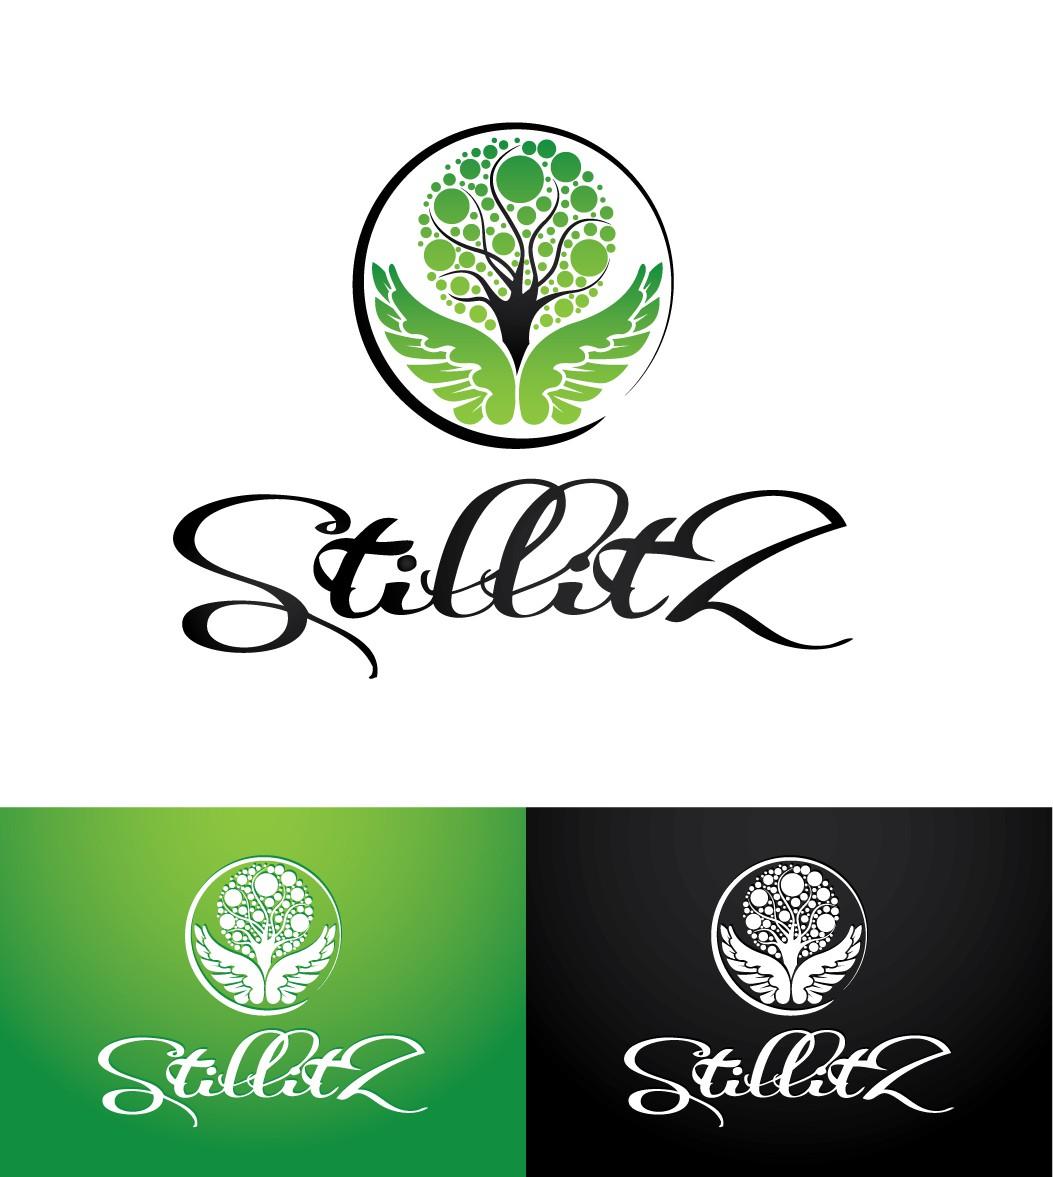 StillitZ needs a new logo